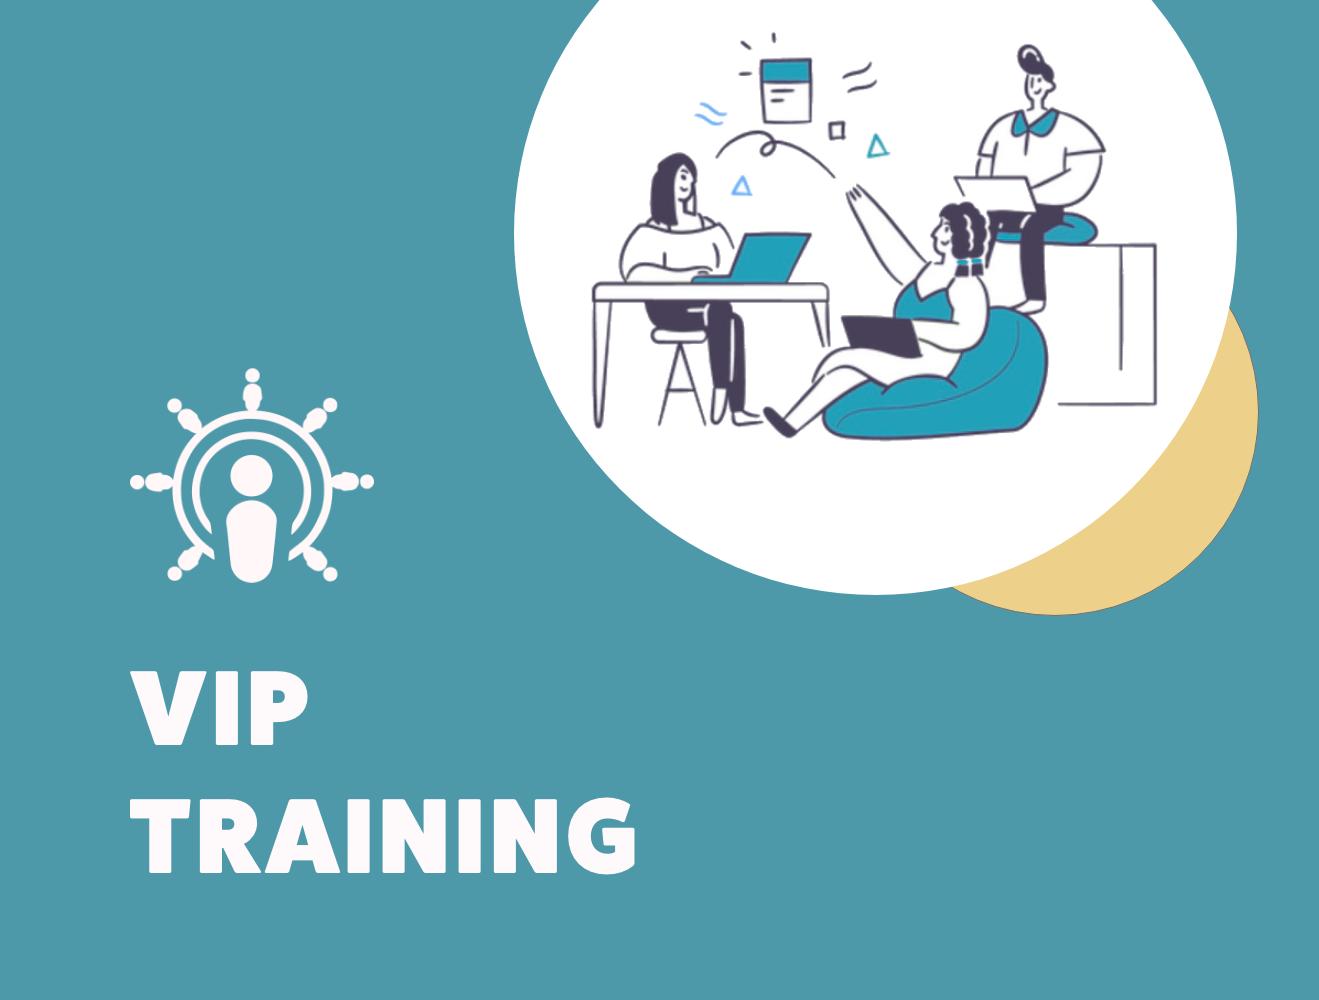 VIP Training